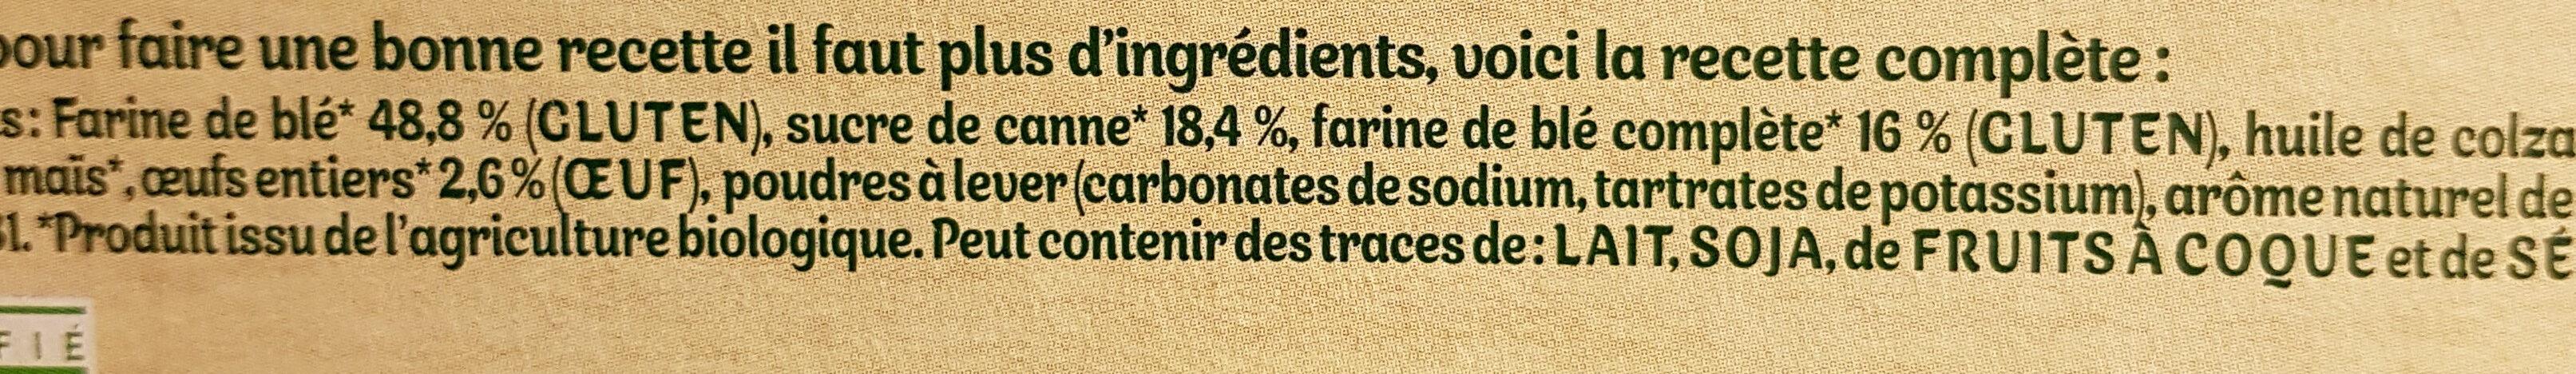 Mon 1er biscuit - Ingrédients - fr